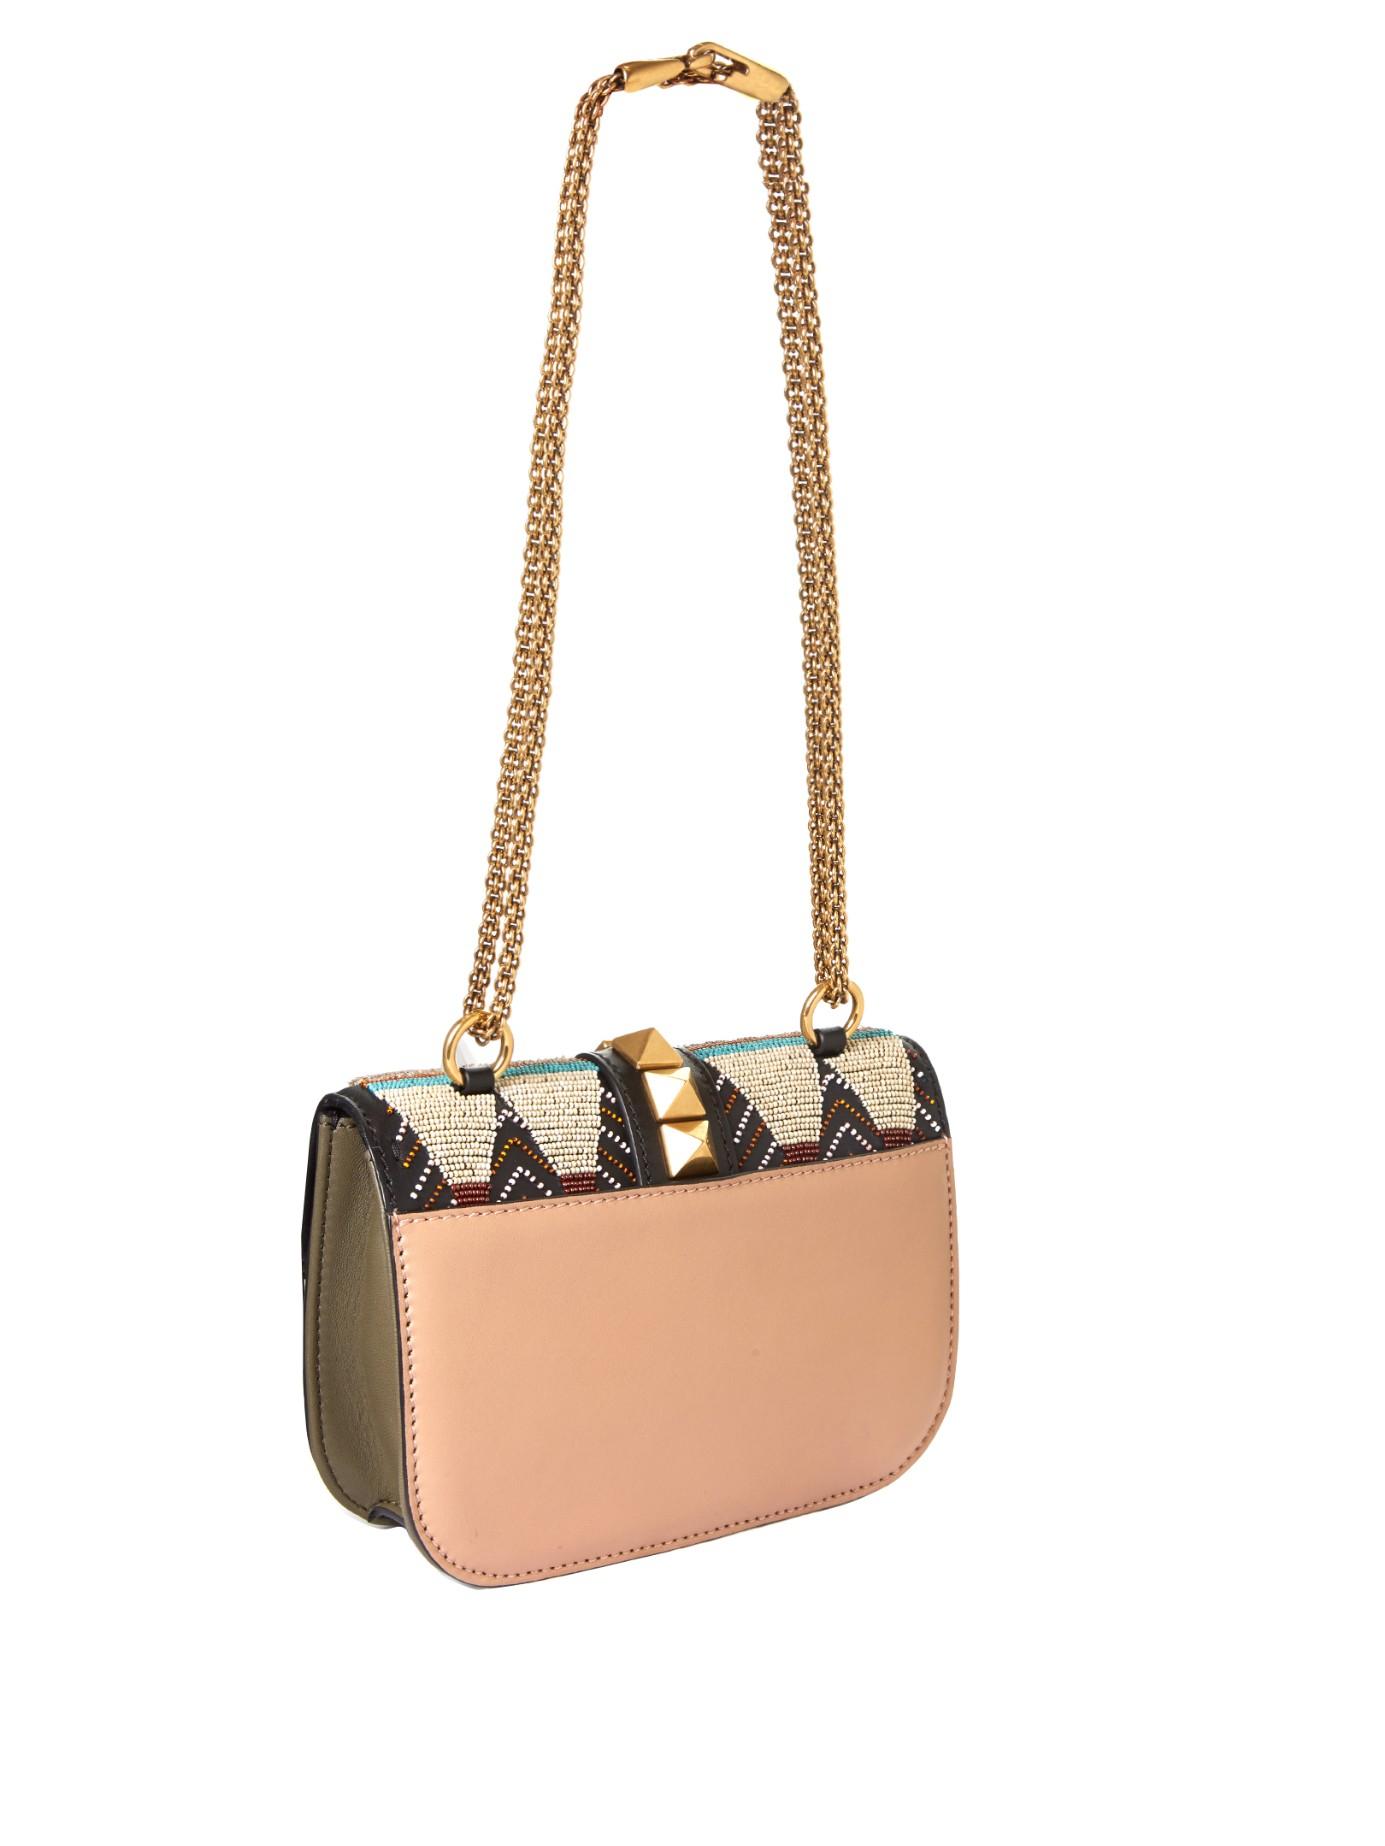 valentino lock medium leather shoulder bag in brown lyst. Black Bedroom Furniture Sets. Home Design Ideas